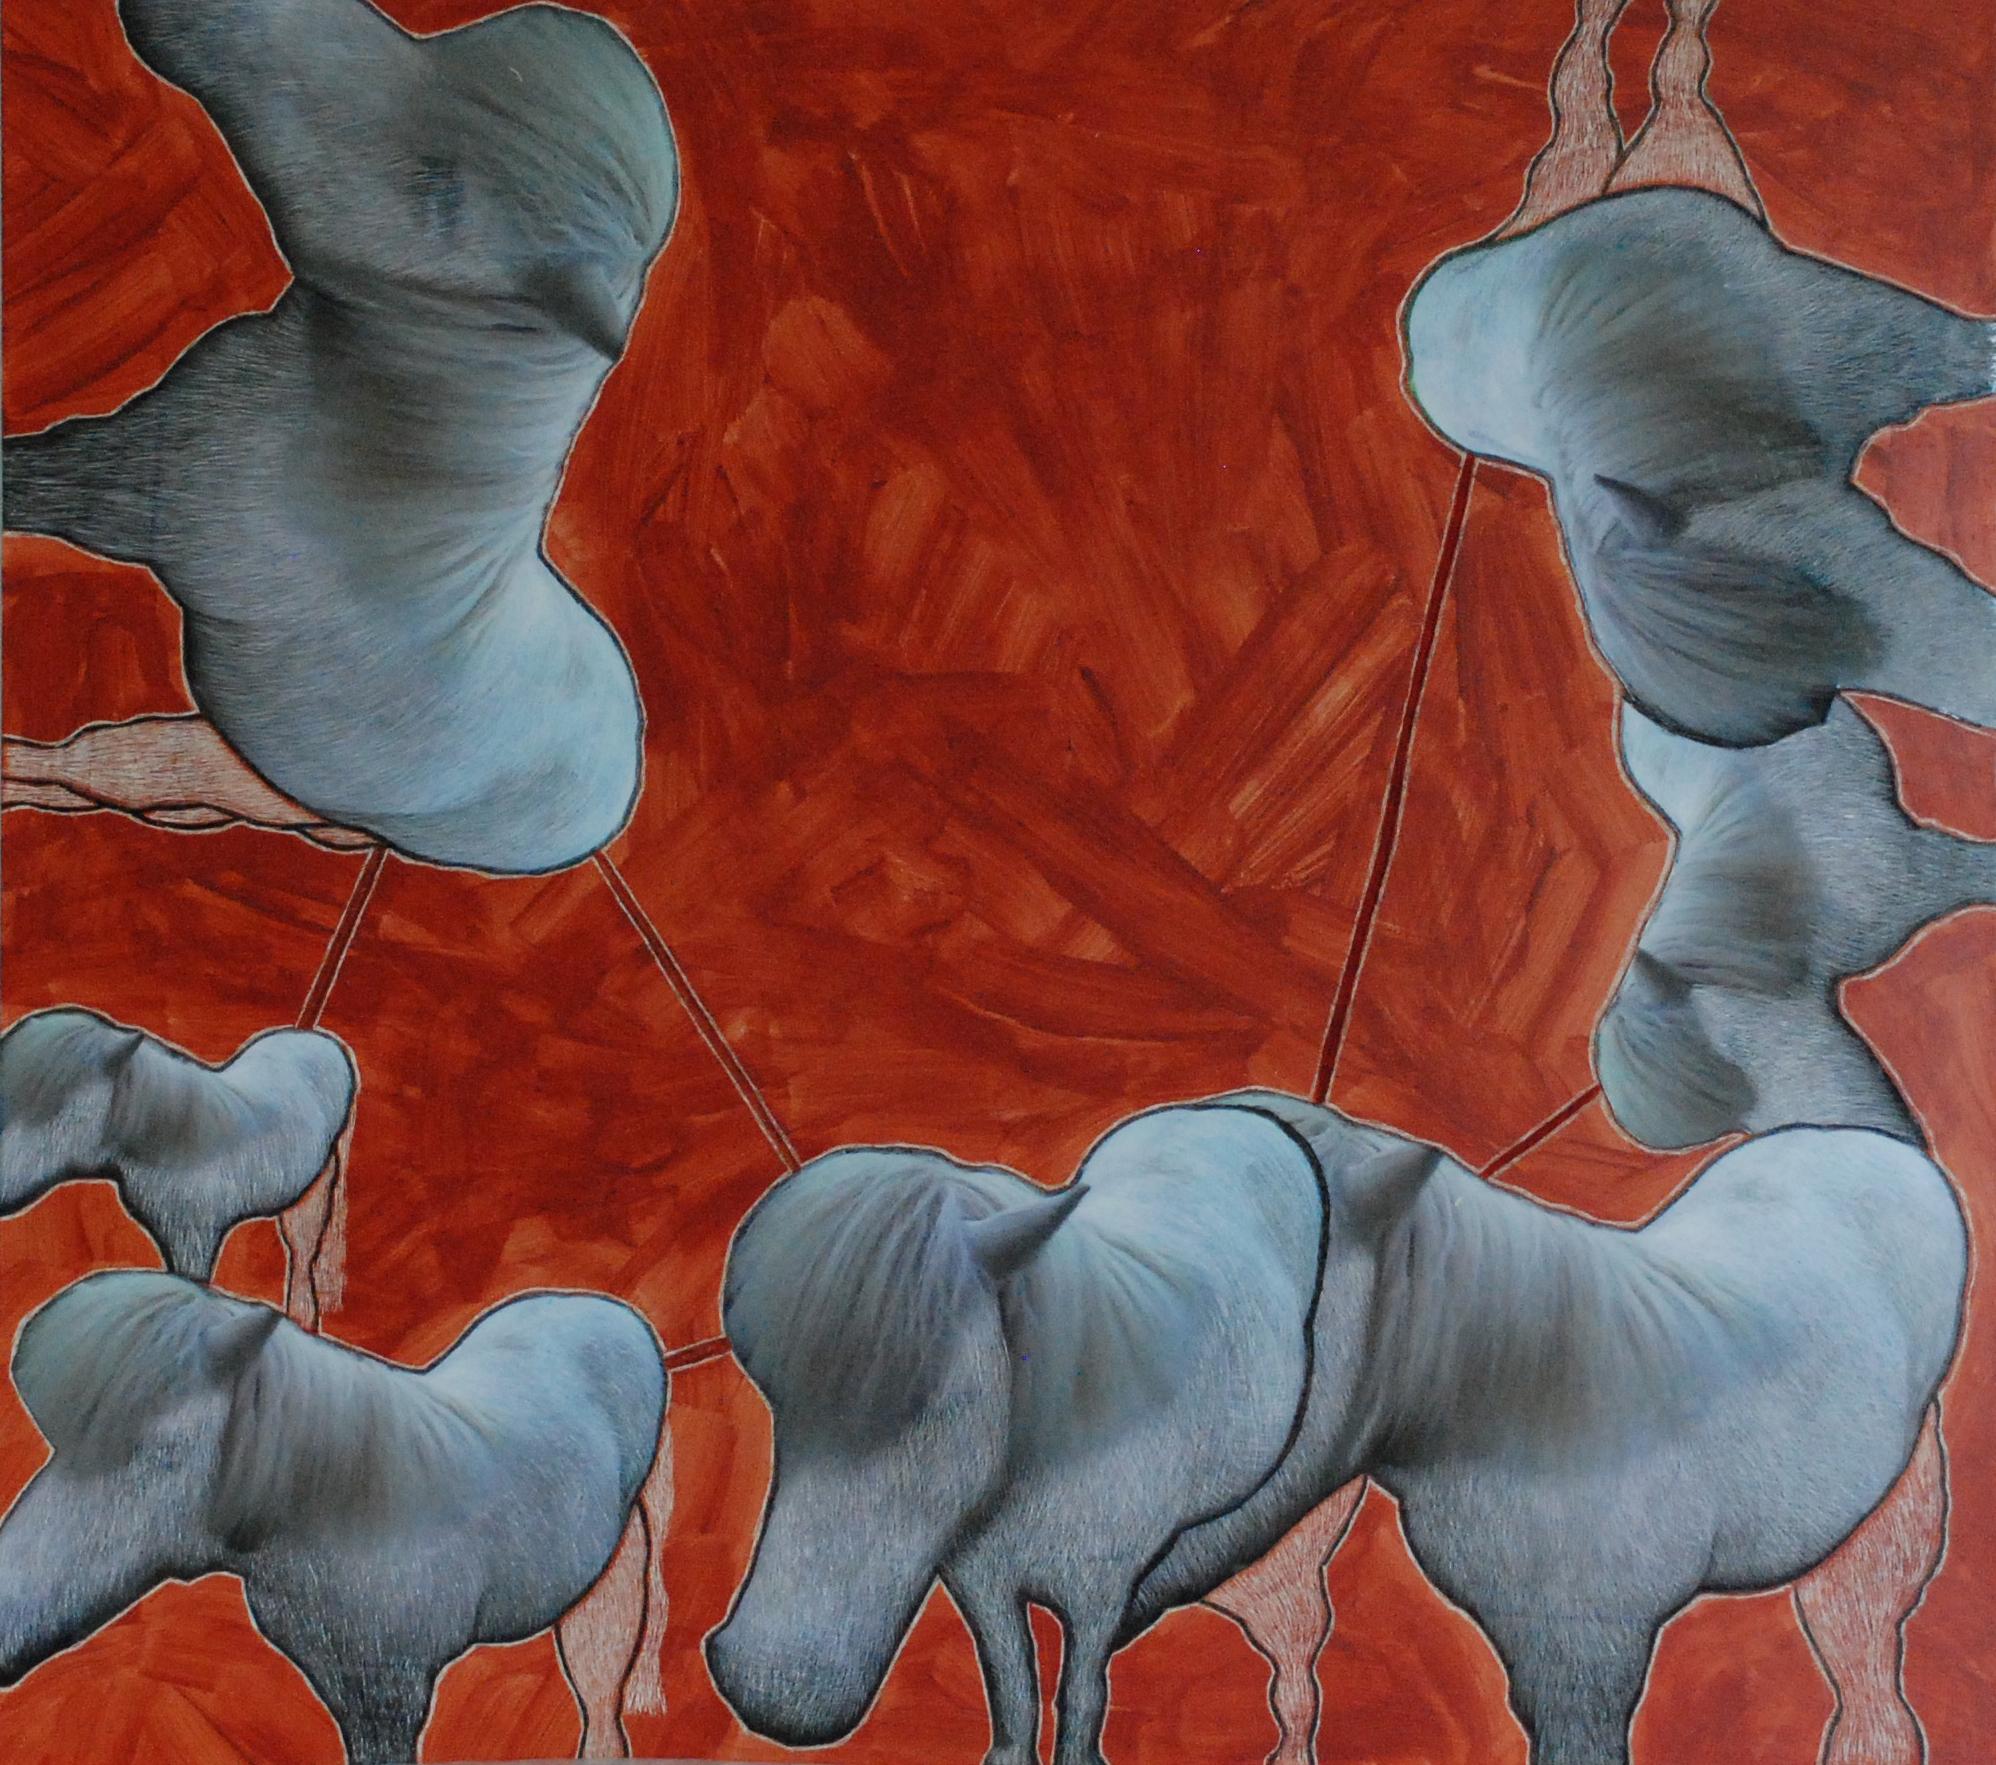 rood gras met grijze paarden - 52 x 60 x 1 cm